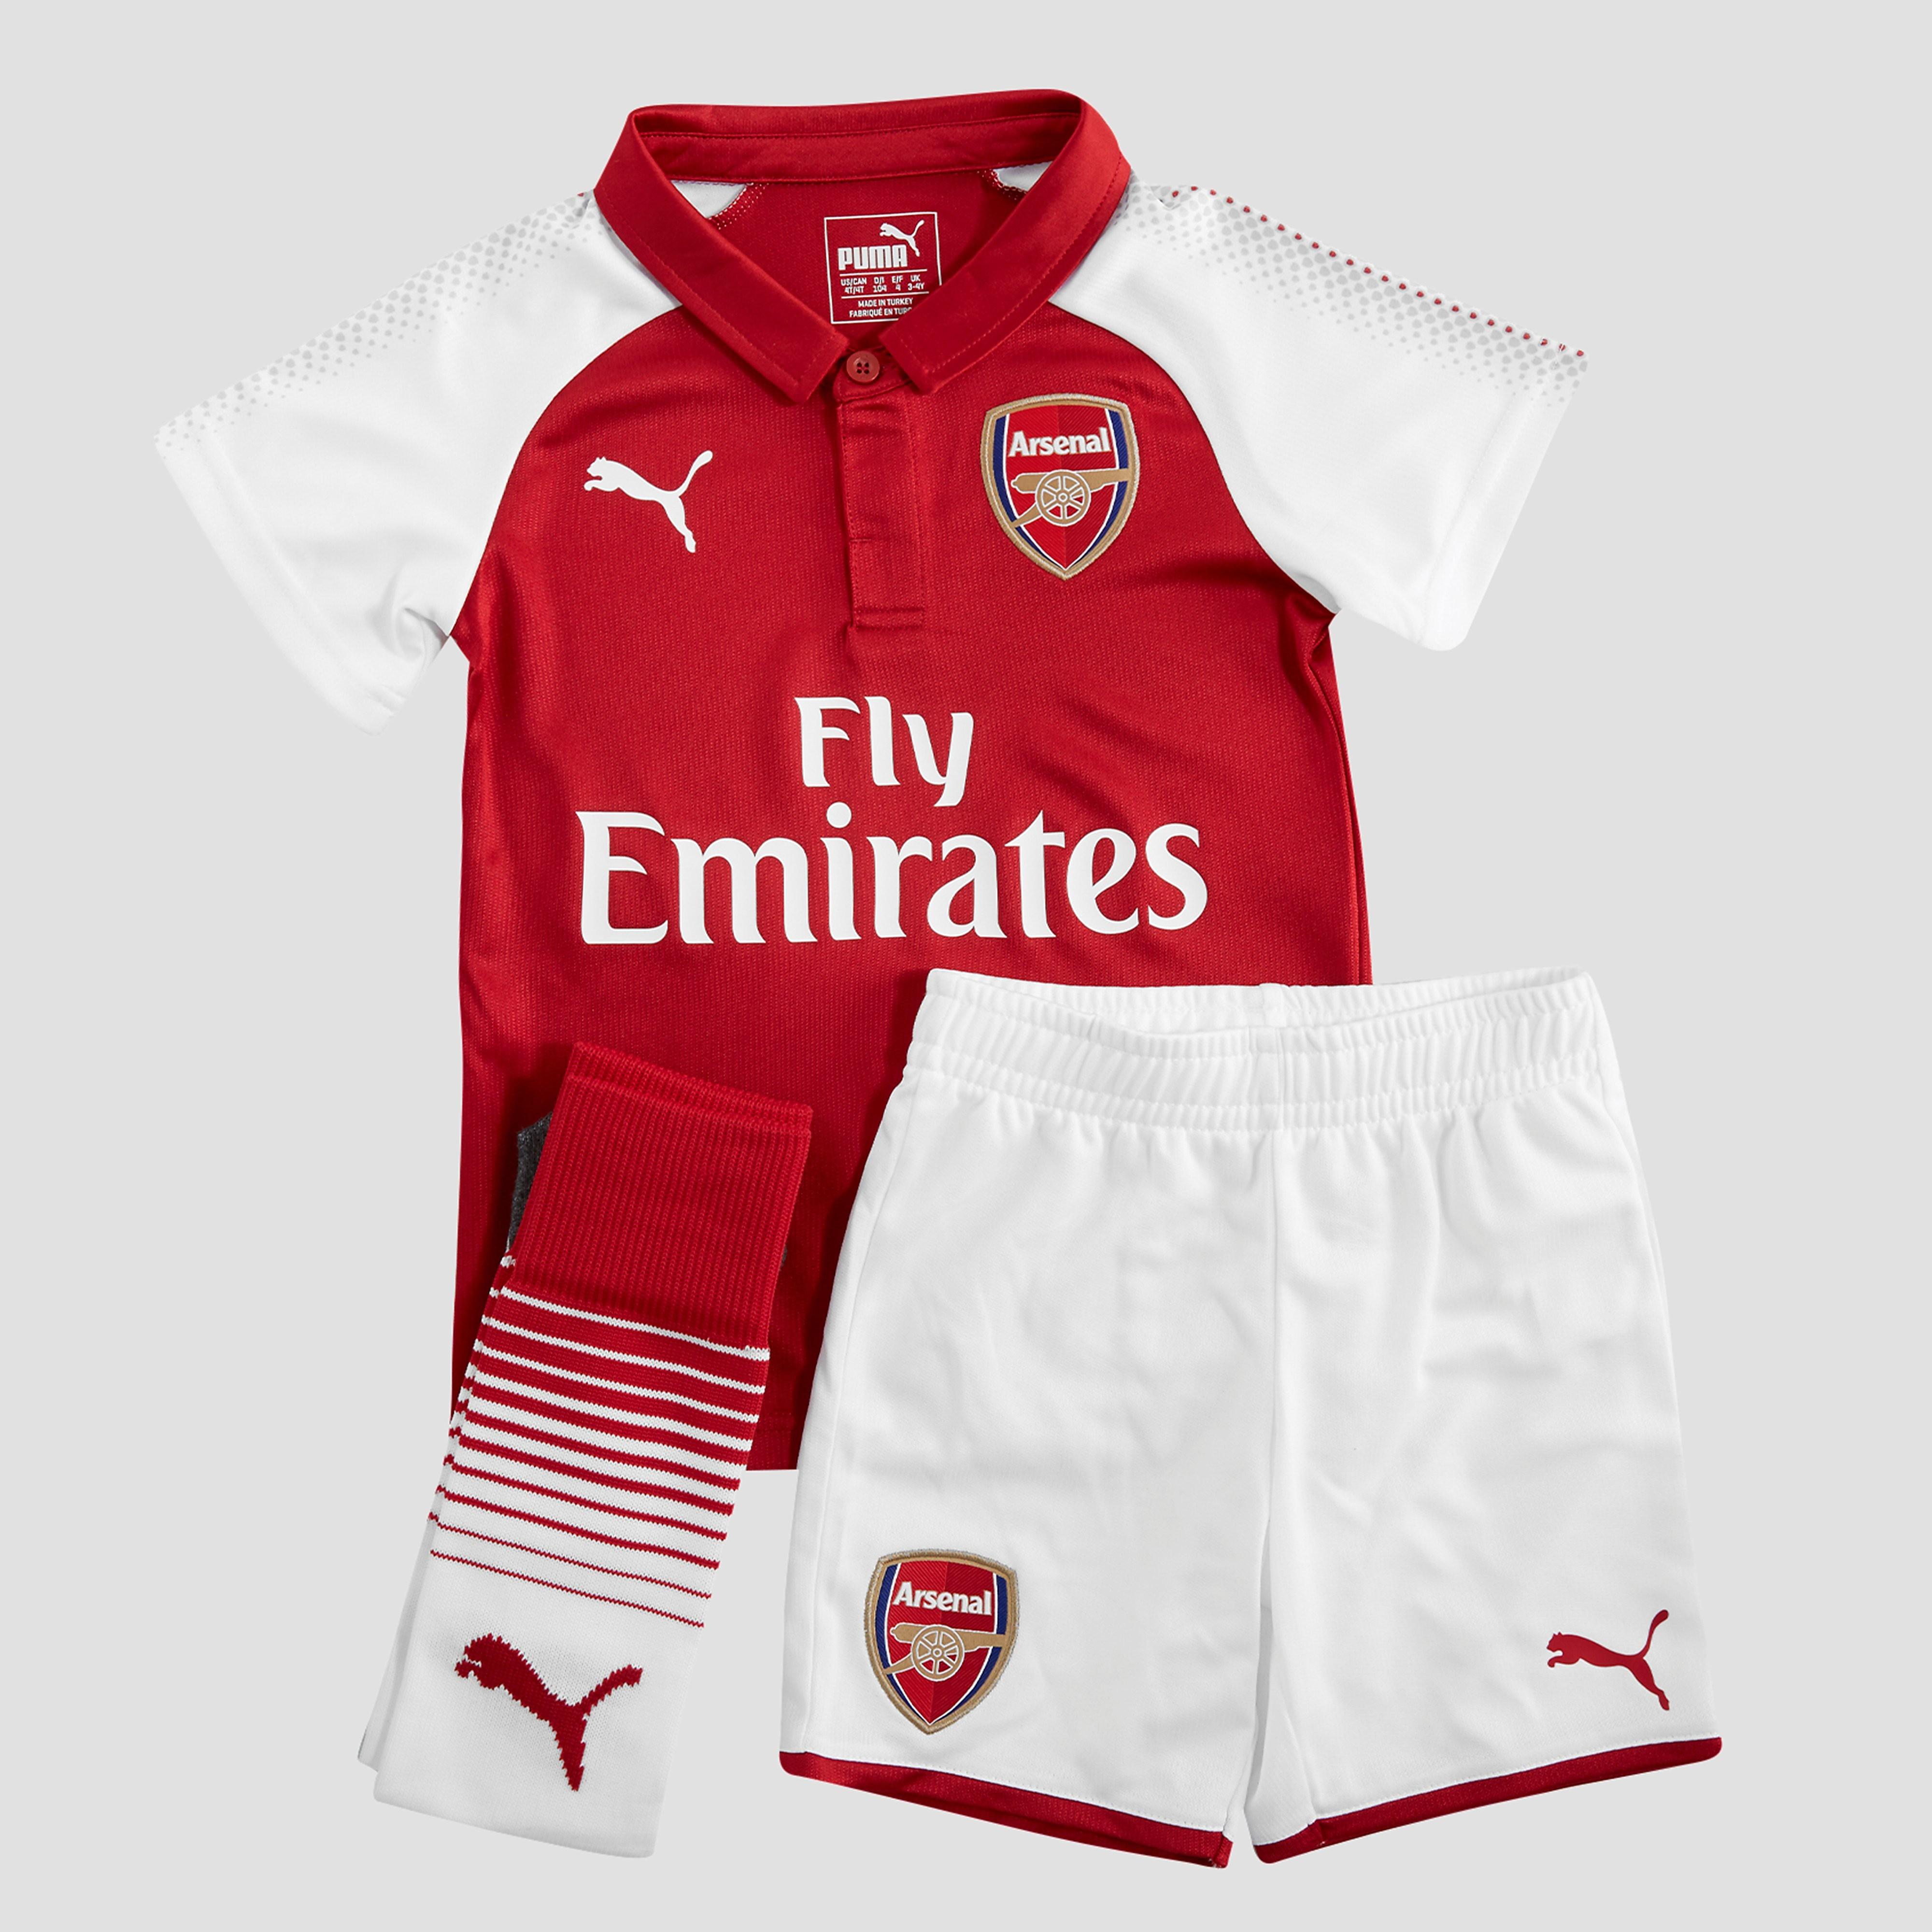 PUMA Arsenal FC 2017/18 Home Kit Children